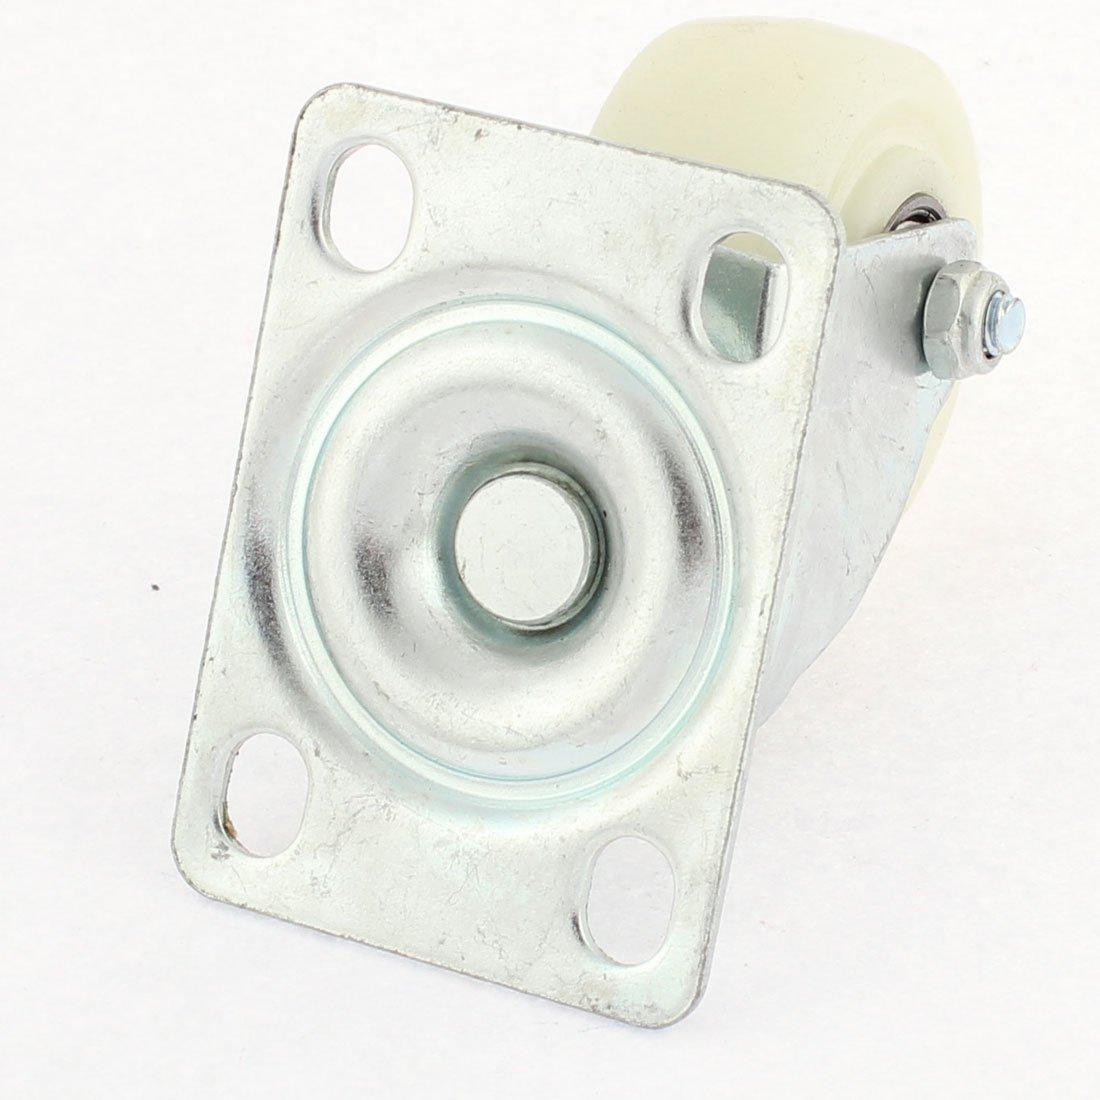 eDealMax 50mm Dia Base de plástico de la placa Superior del cojinete giratorio Ruedas de Fundición 2 piezas: Amazon.com: Industrial & Scientific